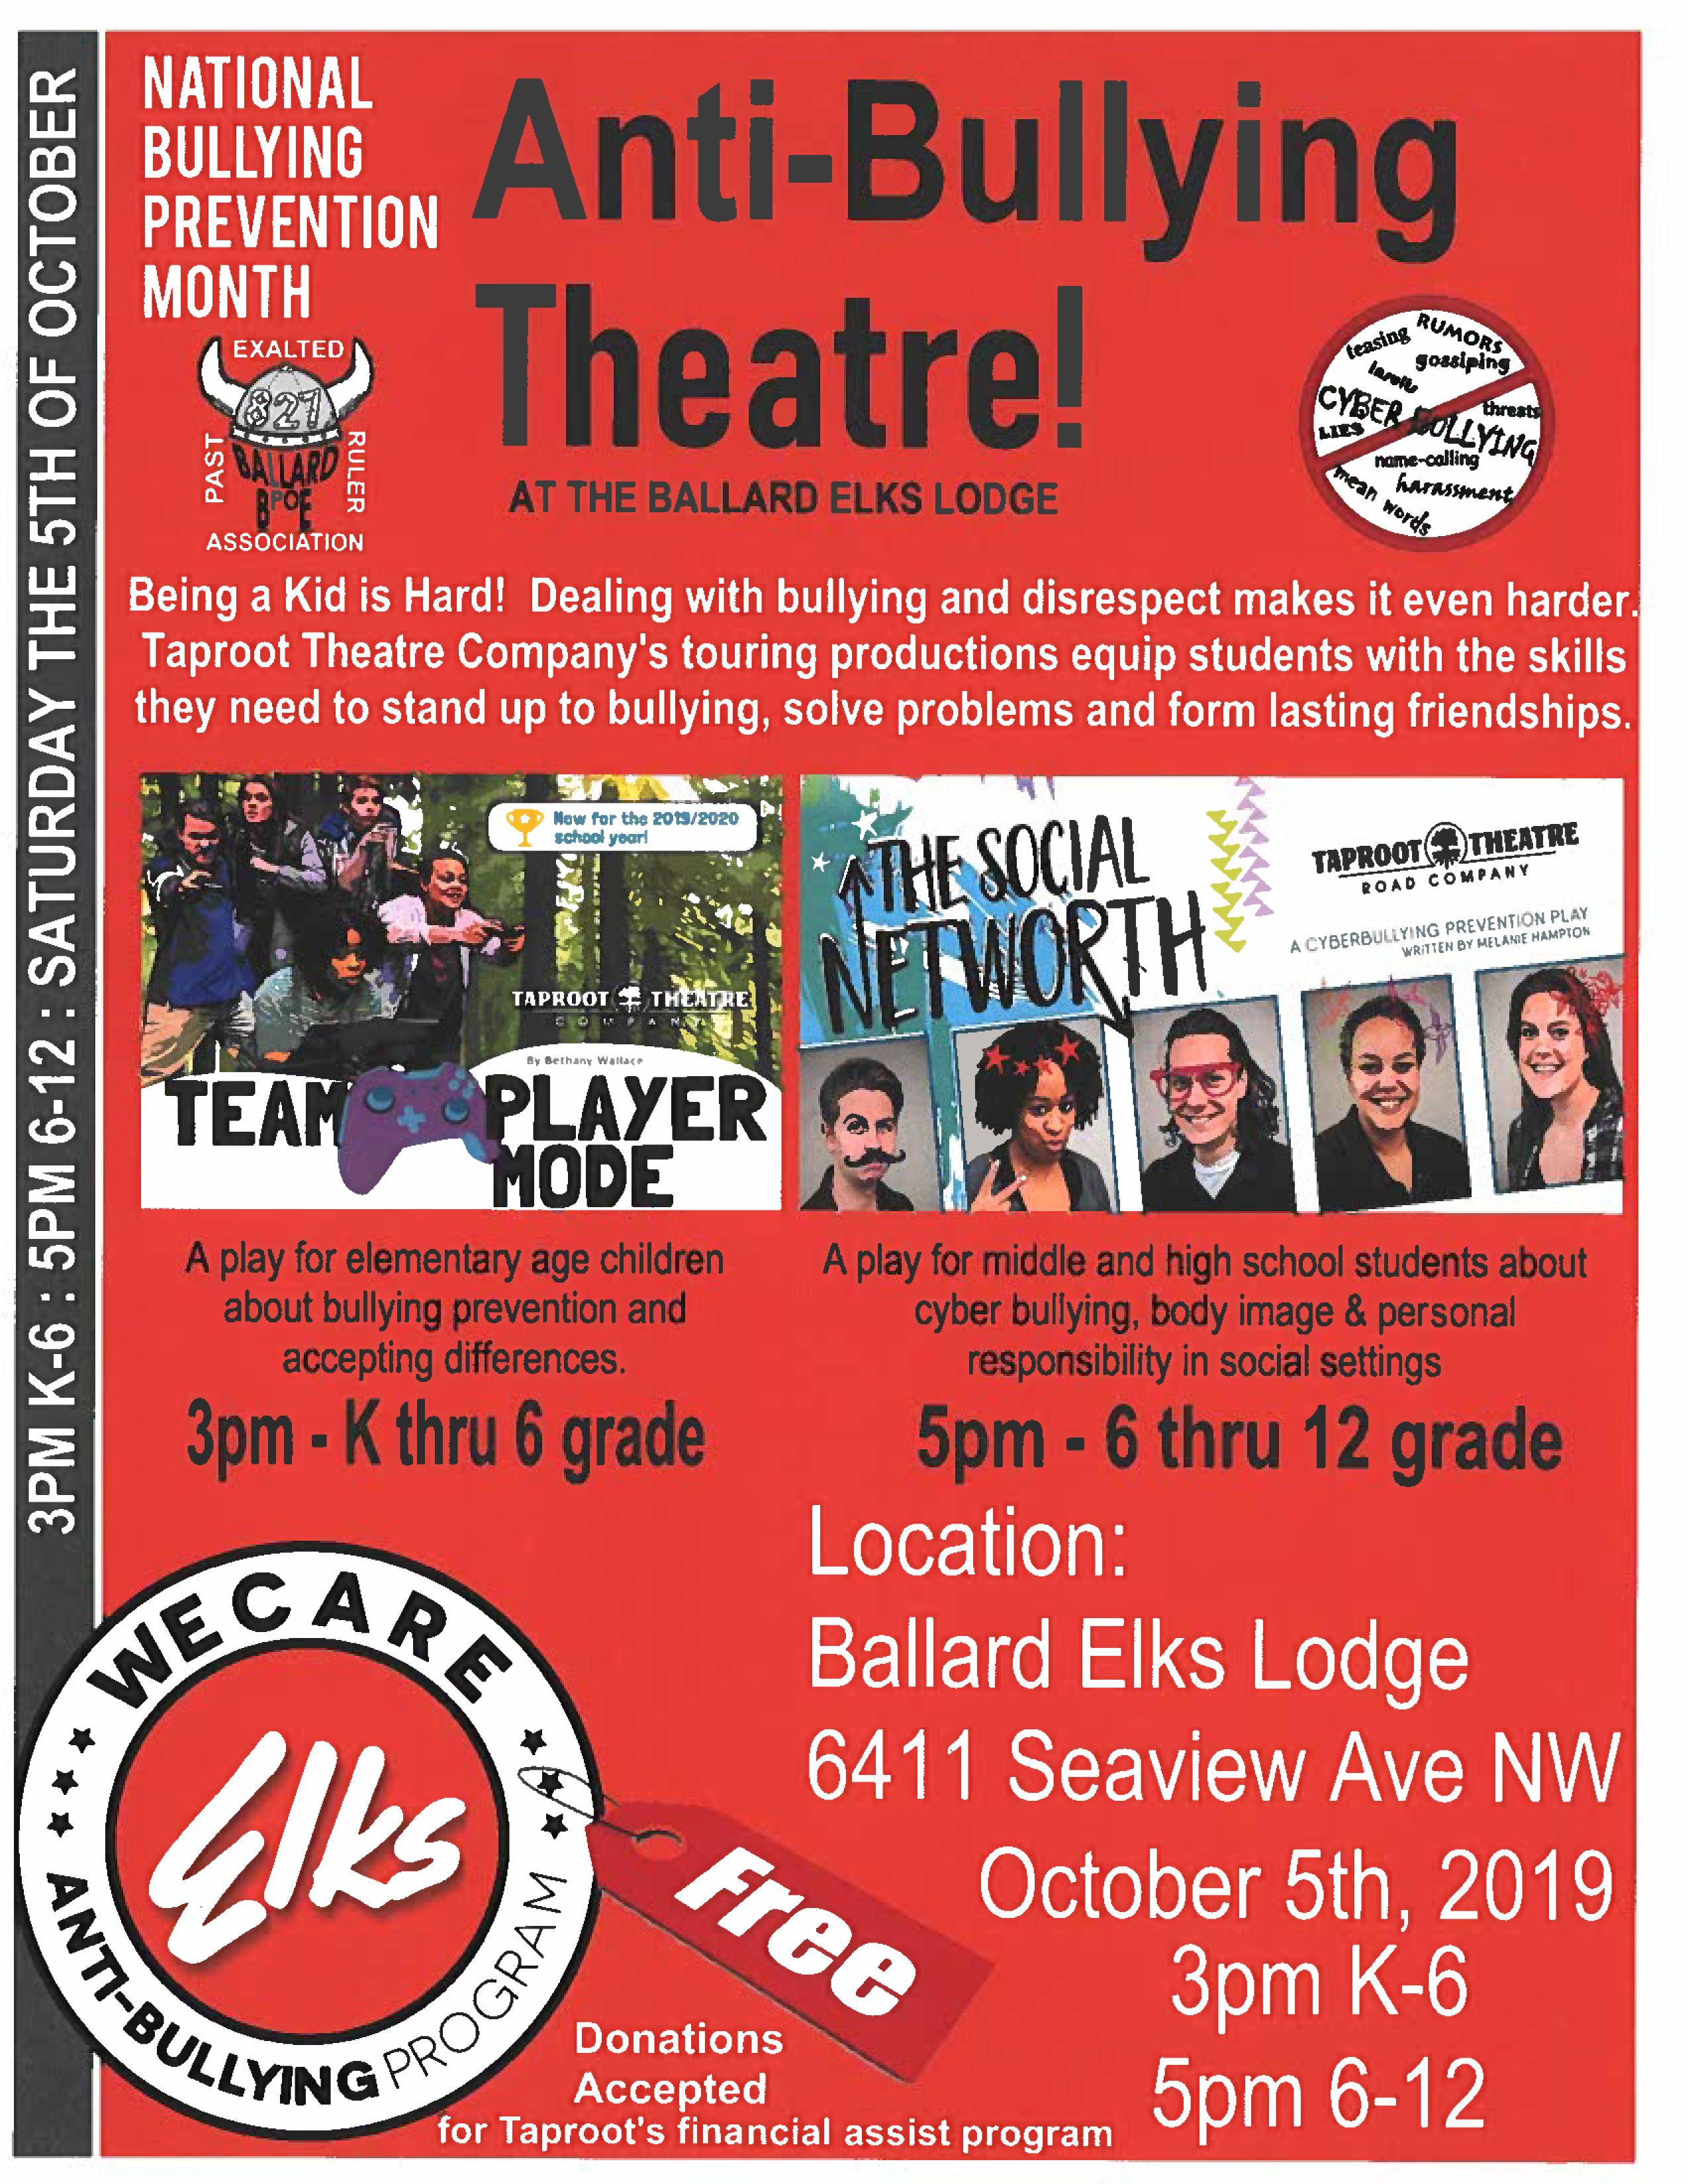 Anti-Bullying Theatre in Ballard (free event) @ Ballard Elks Lodge